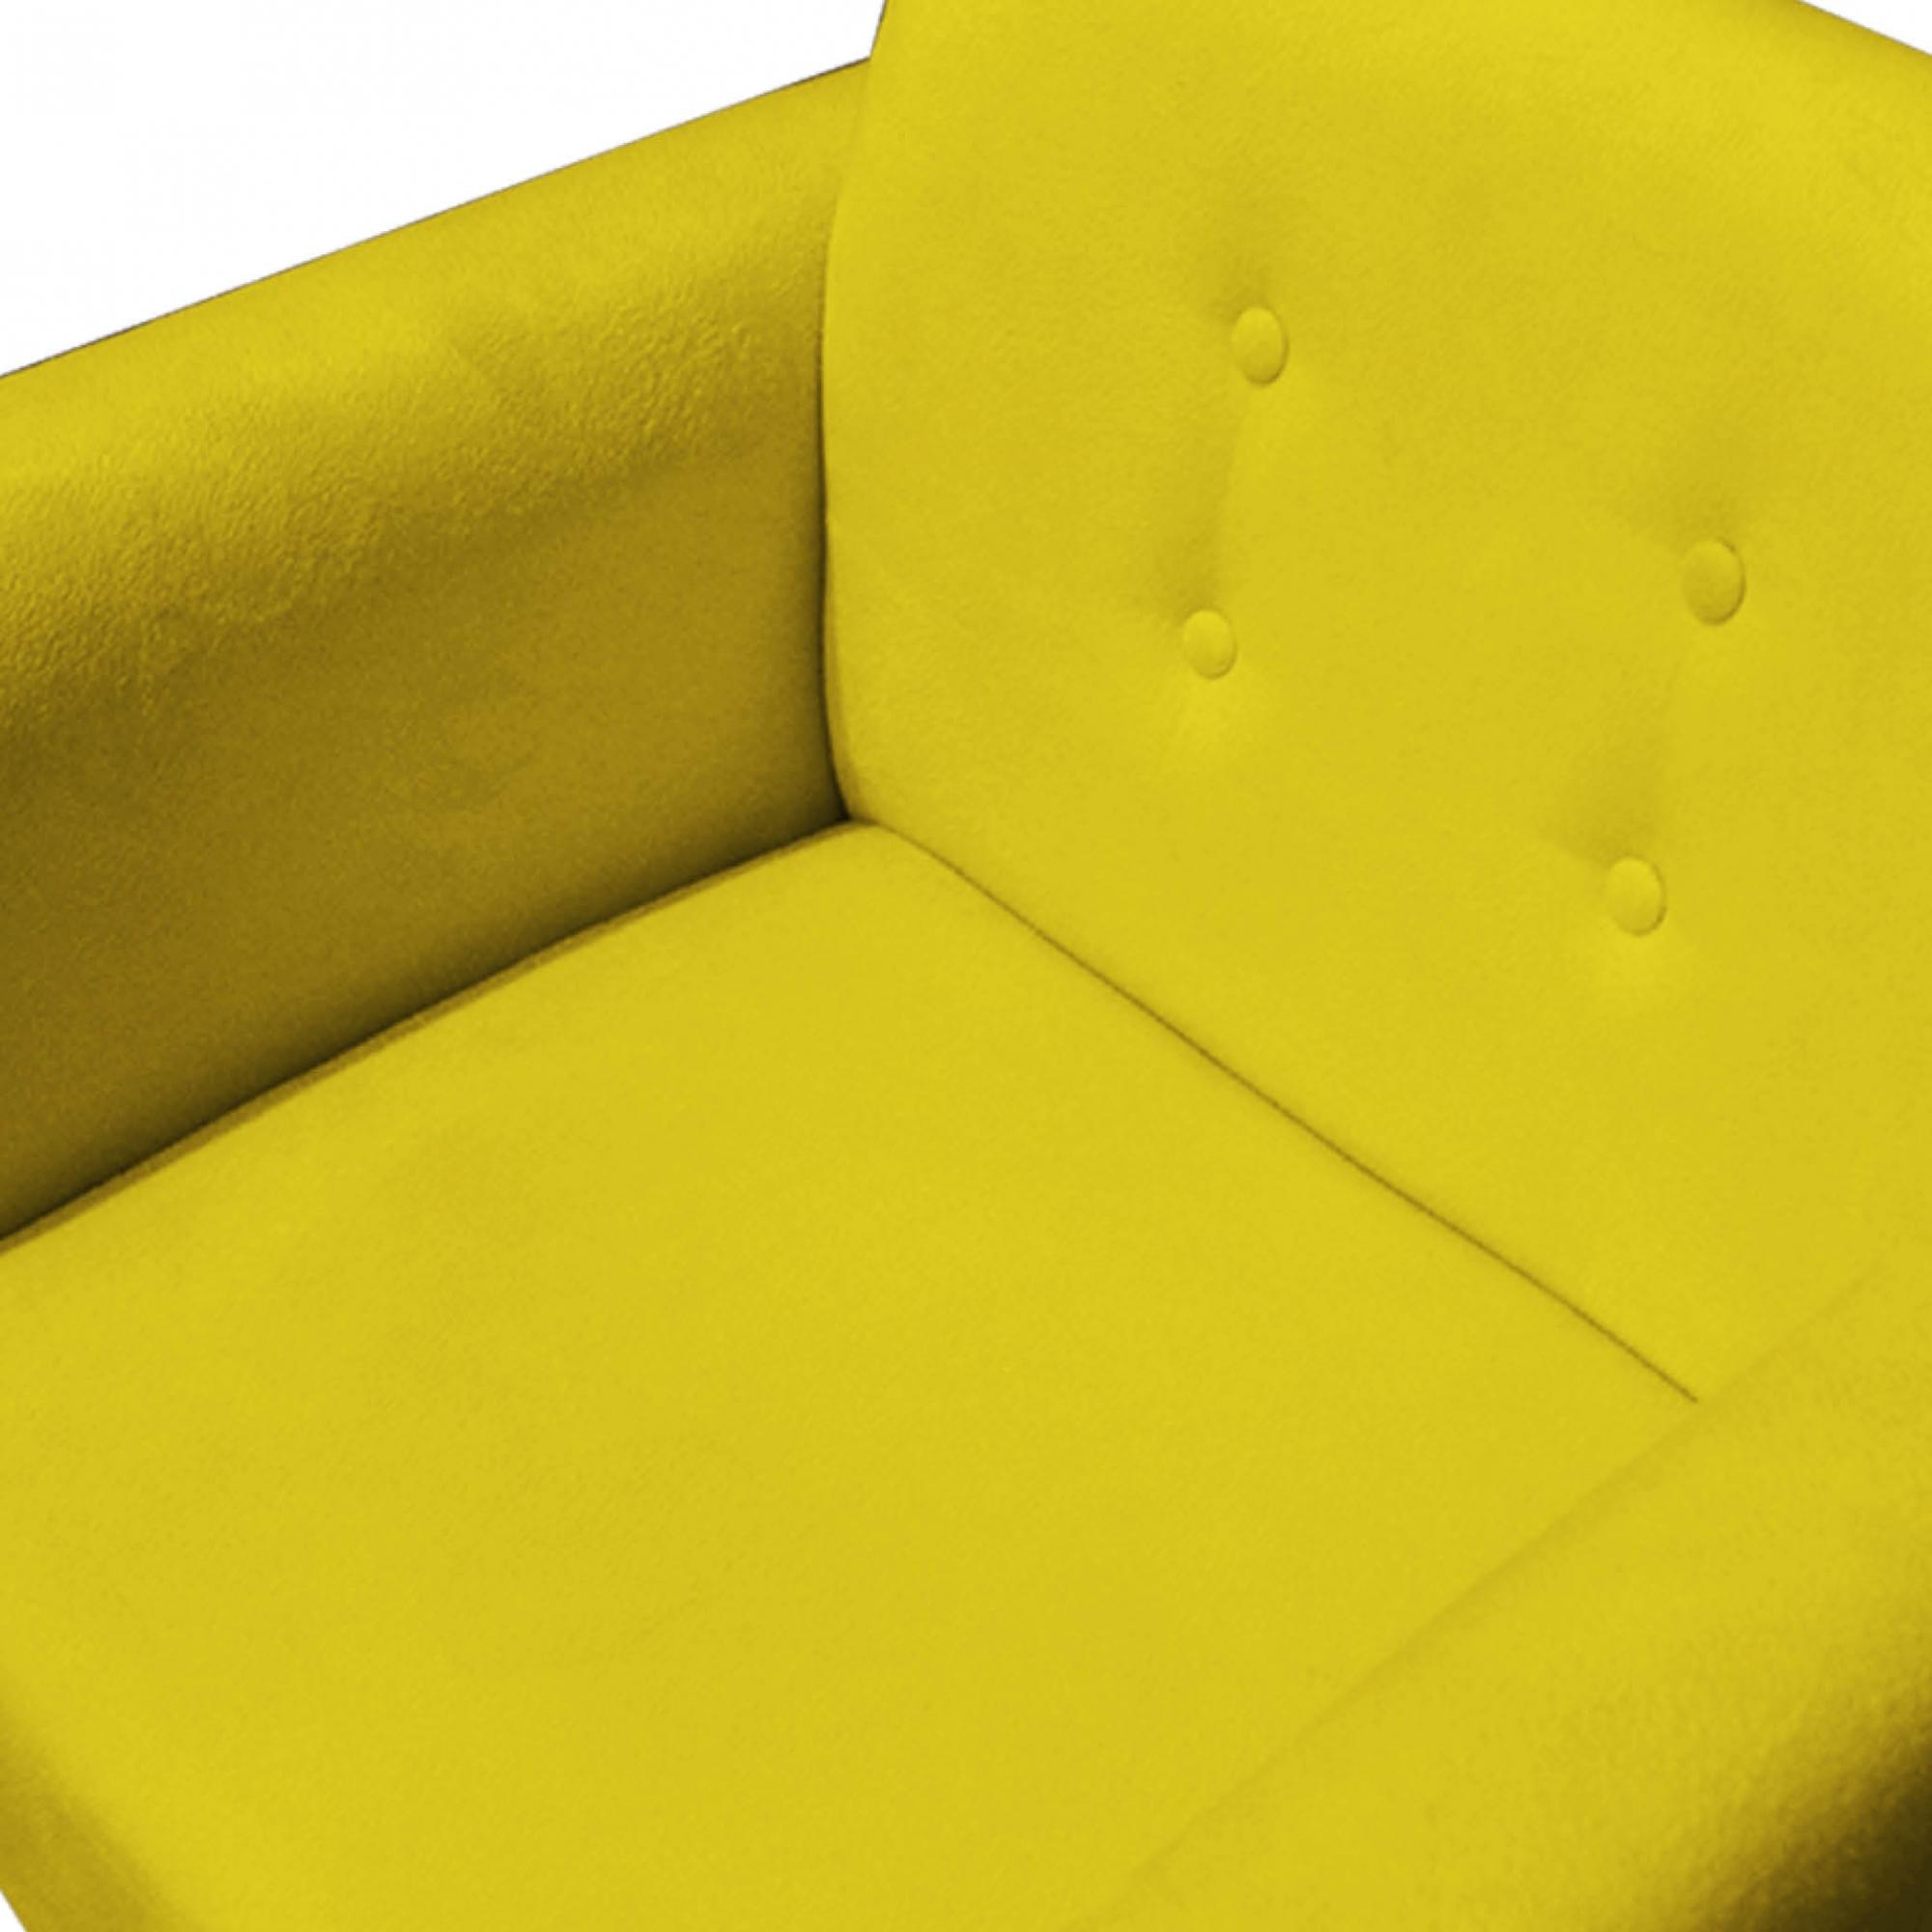 Kit Namoradeira + 2 Poltrona Duda Sofá Decoração Clínica Recepção Escritório Sala Estar D'Classe Decor Suede Amarelo